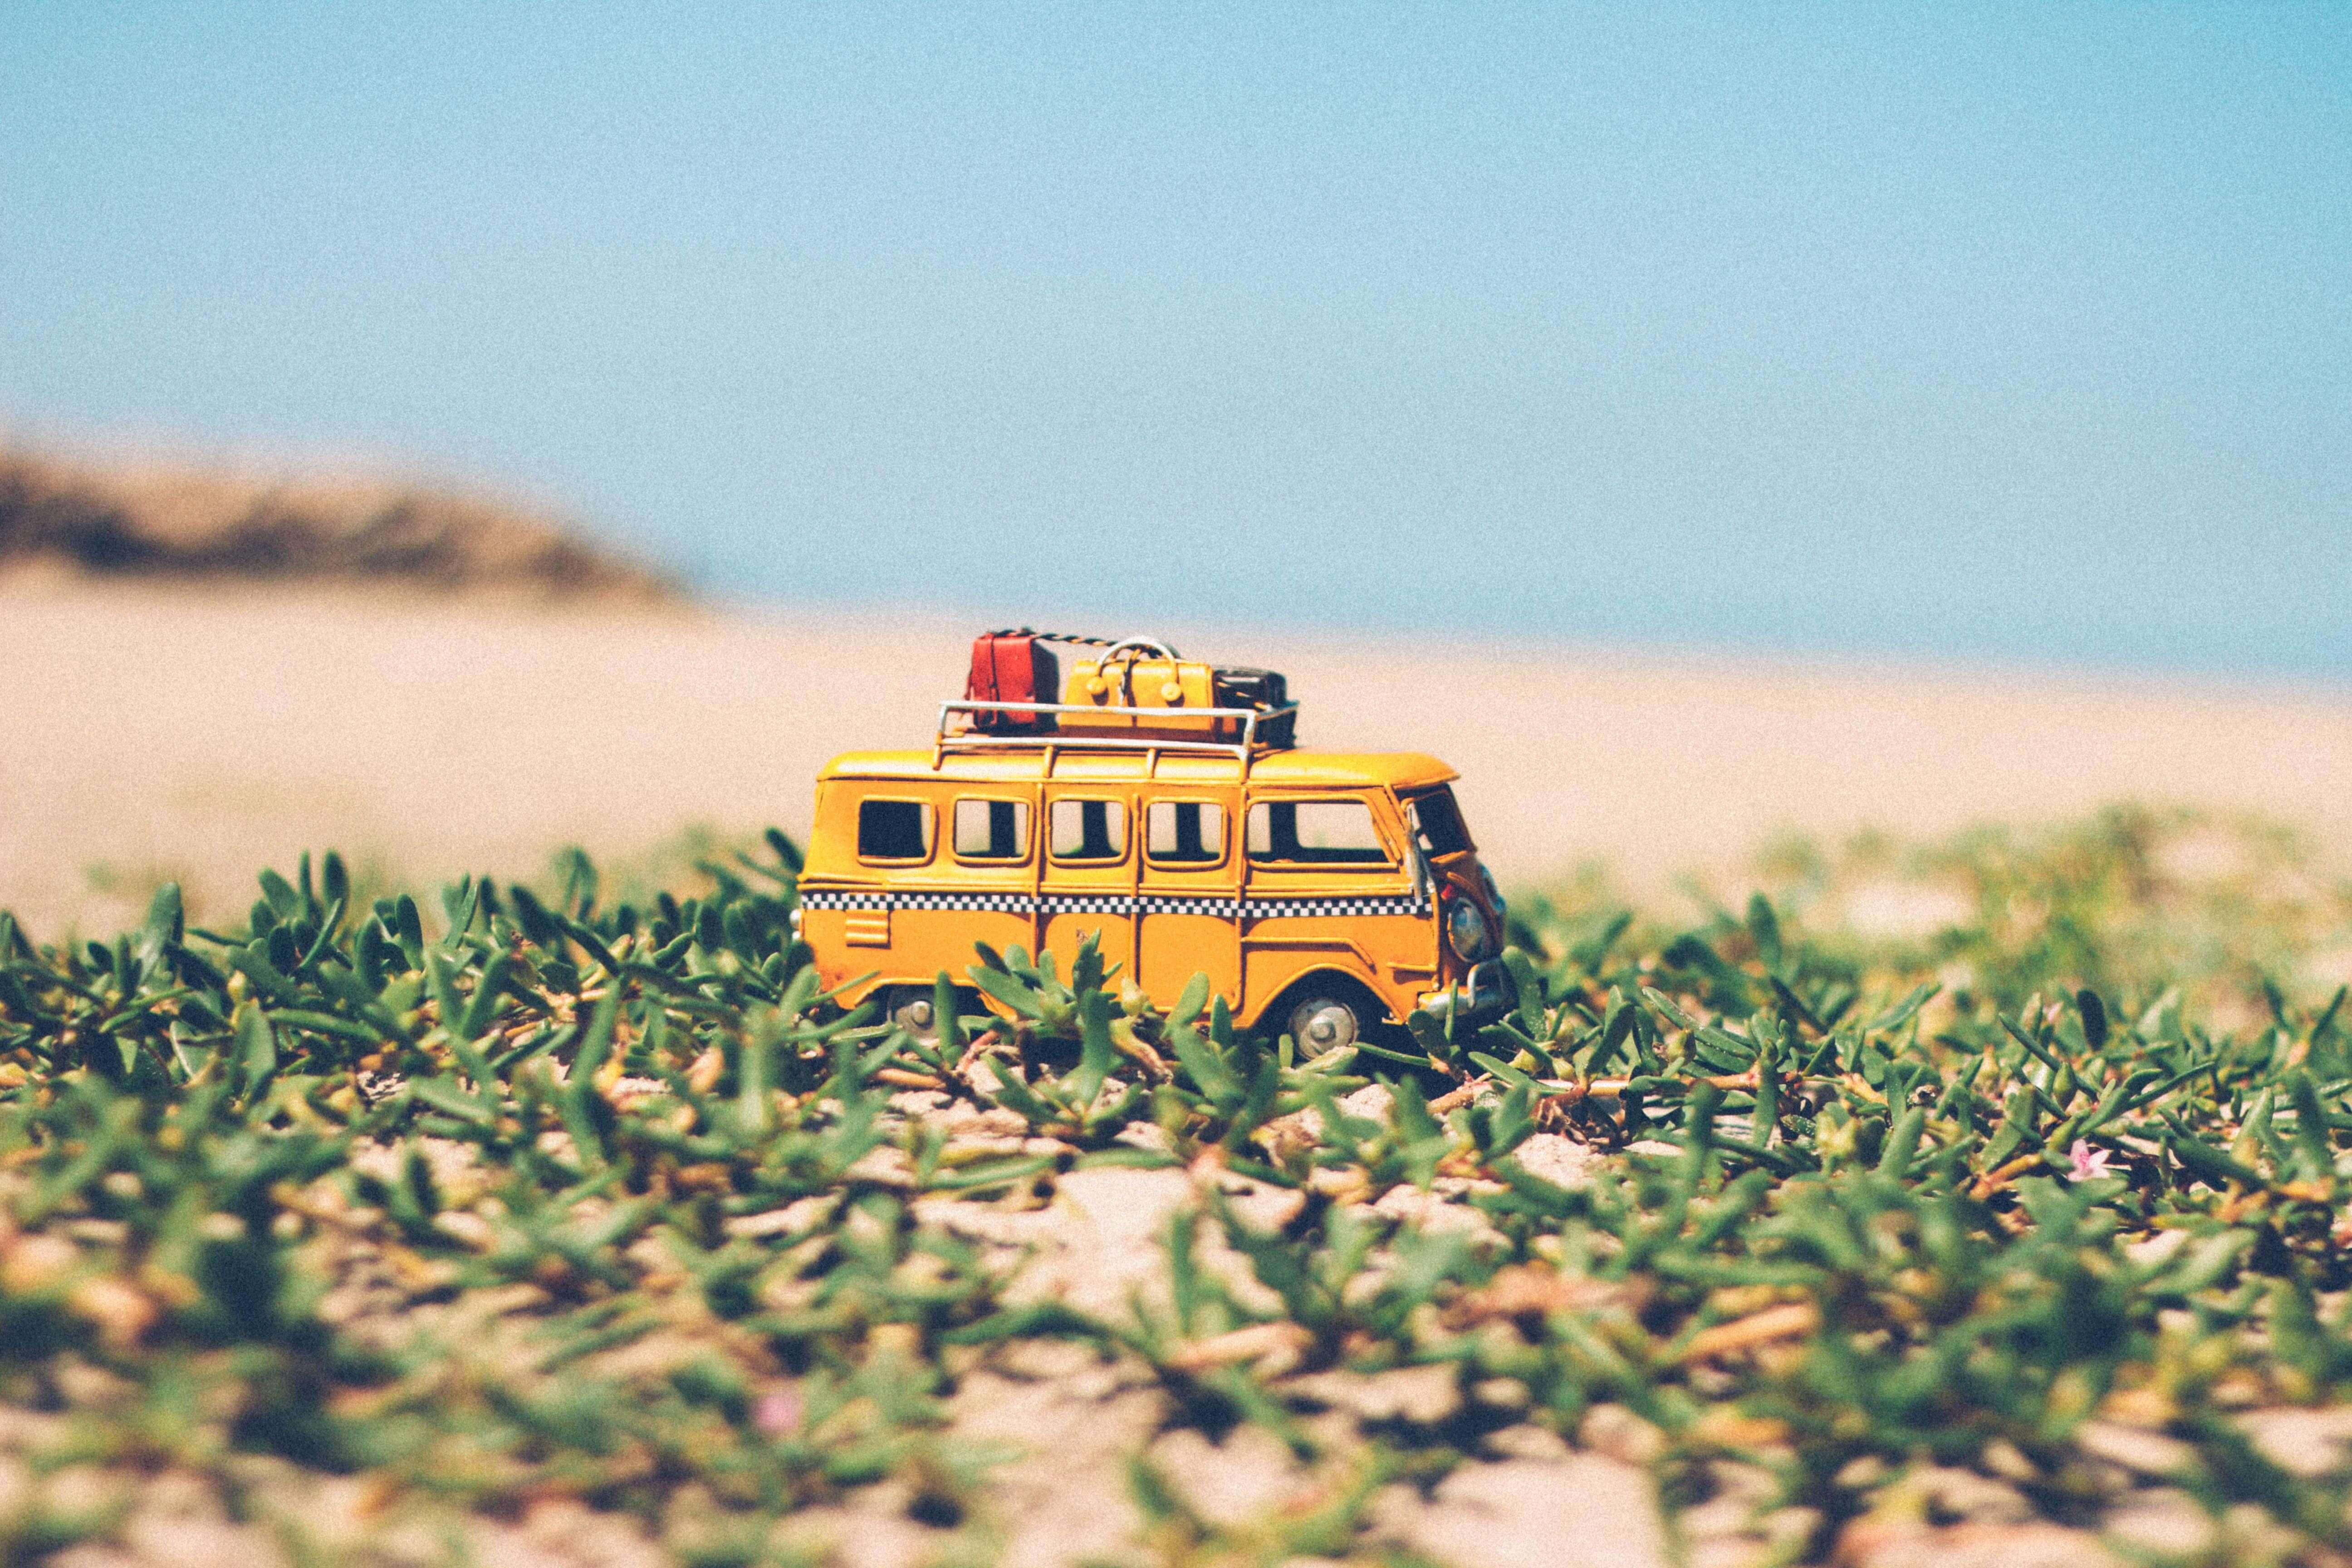 agriculture-beach-blur-386010 (1)